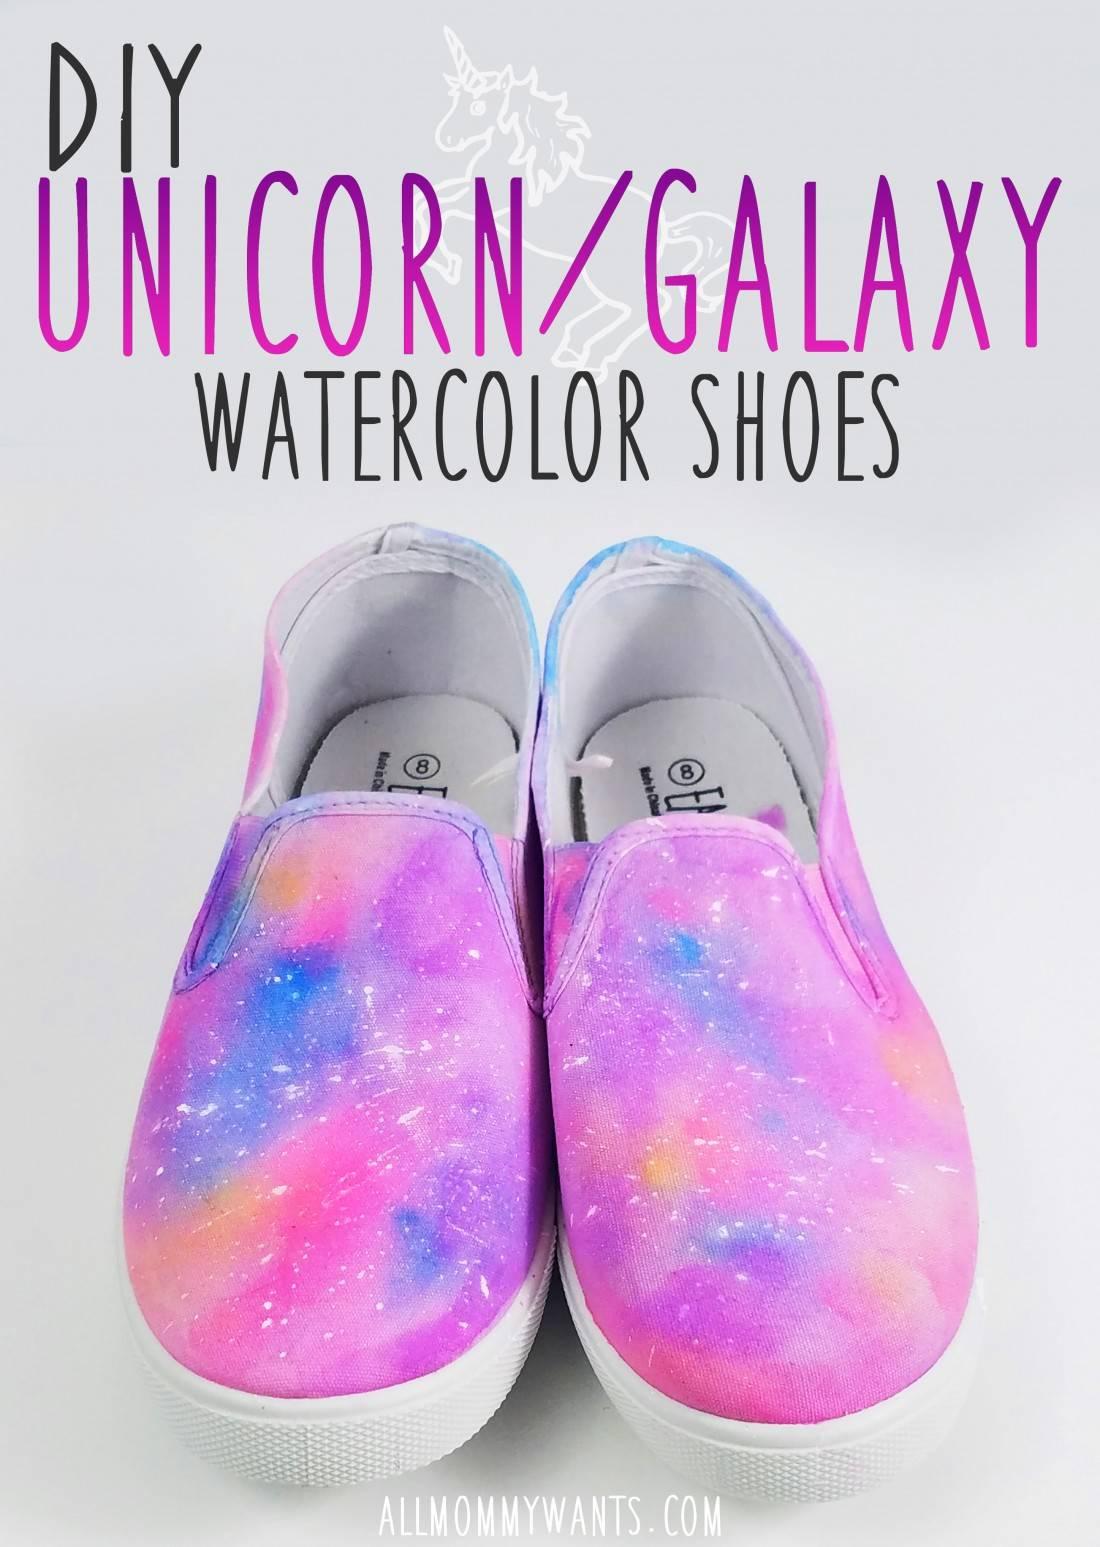 Diy – Unicorn Galaxy Watercolor Shoes Tutorial (video)